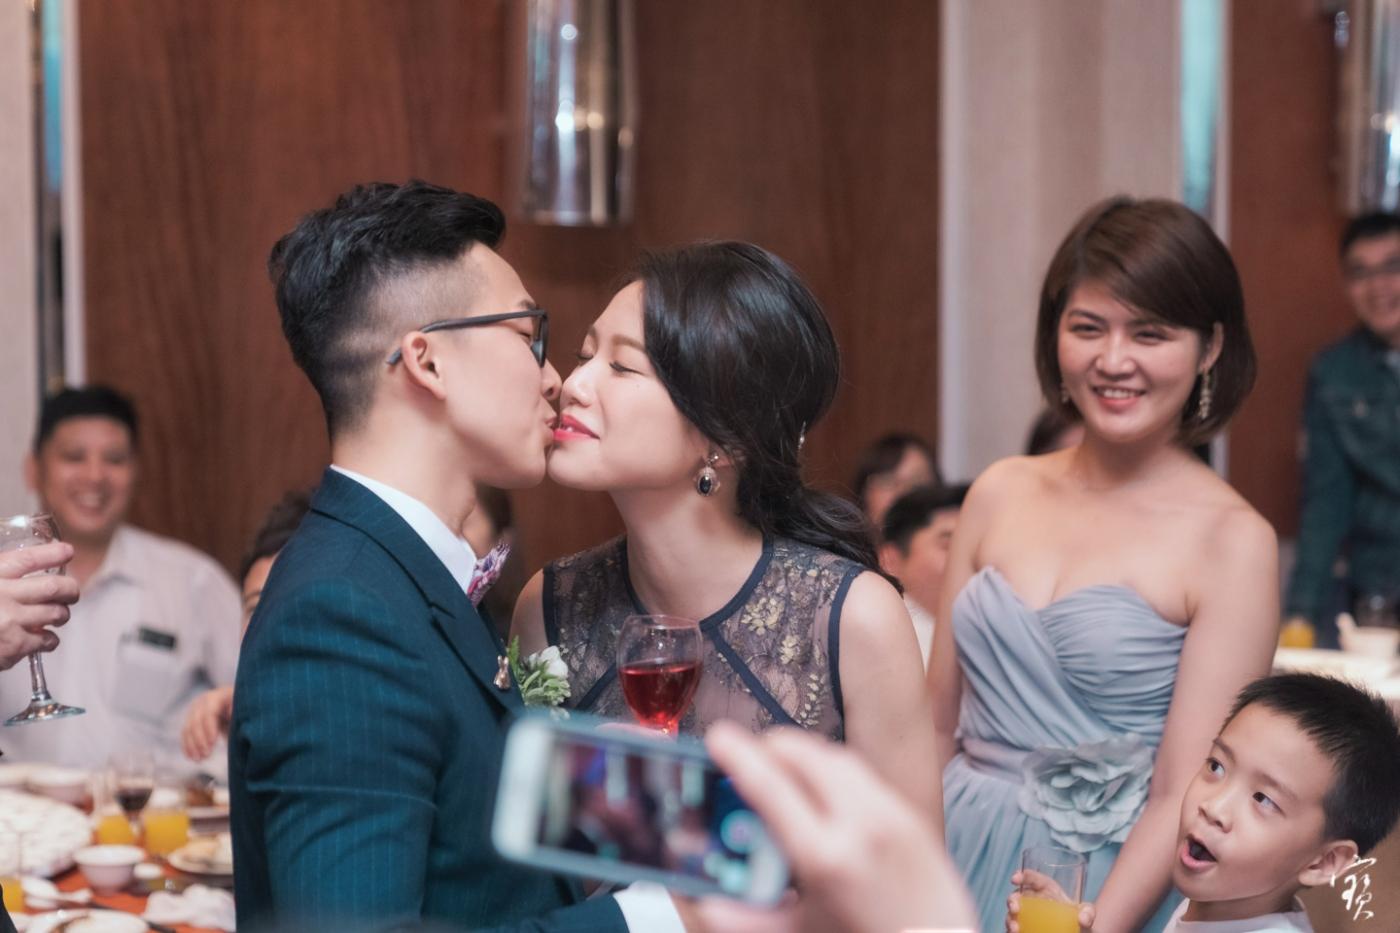 婚禮攝影 婚紗 大直 典華 冬半影像 攝影師大寶 北部攝影 台北攝影 桃園攝影 新竹攝影20181208-474